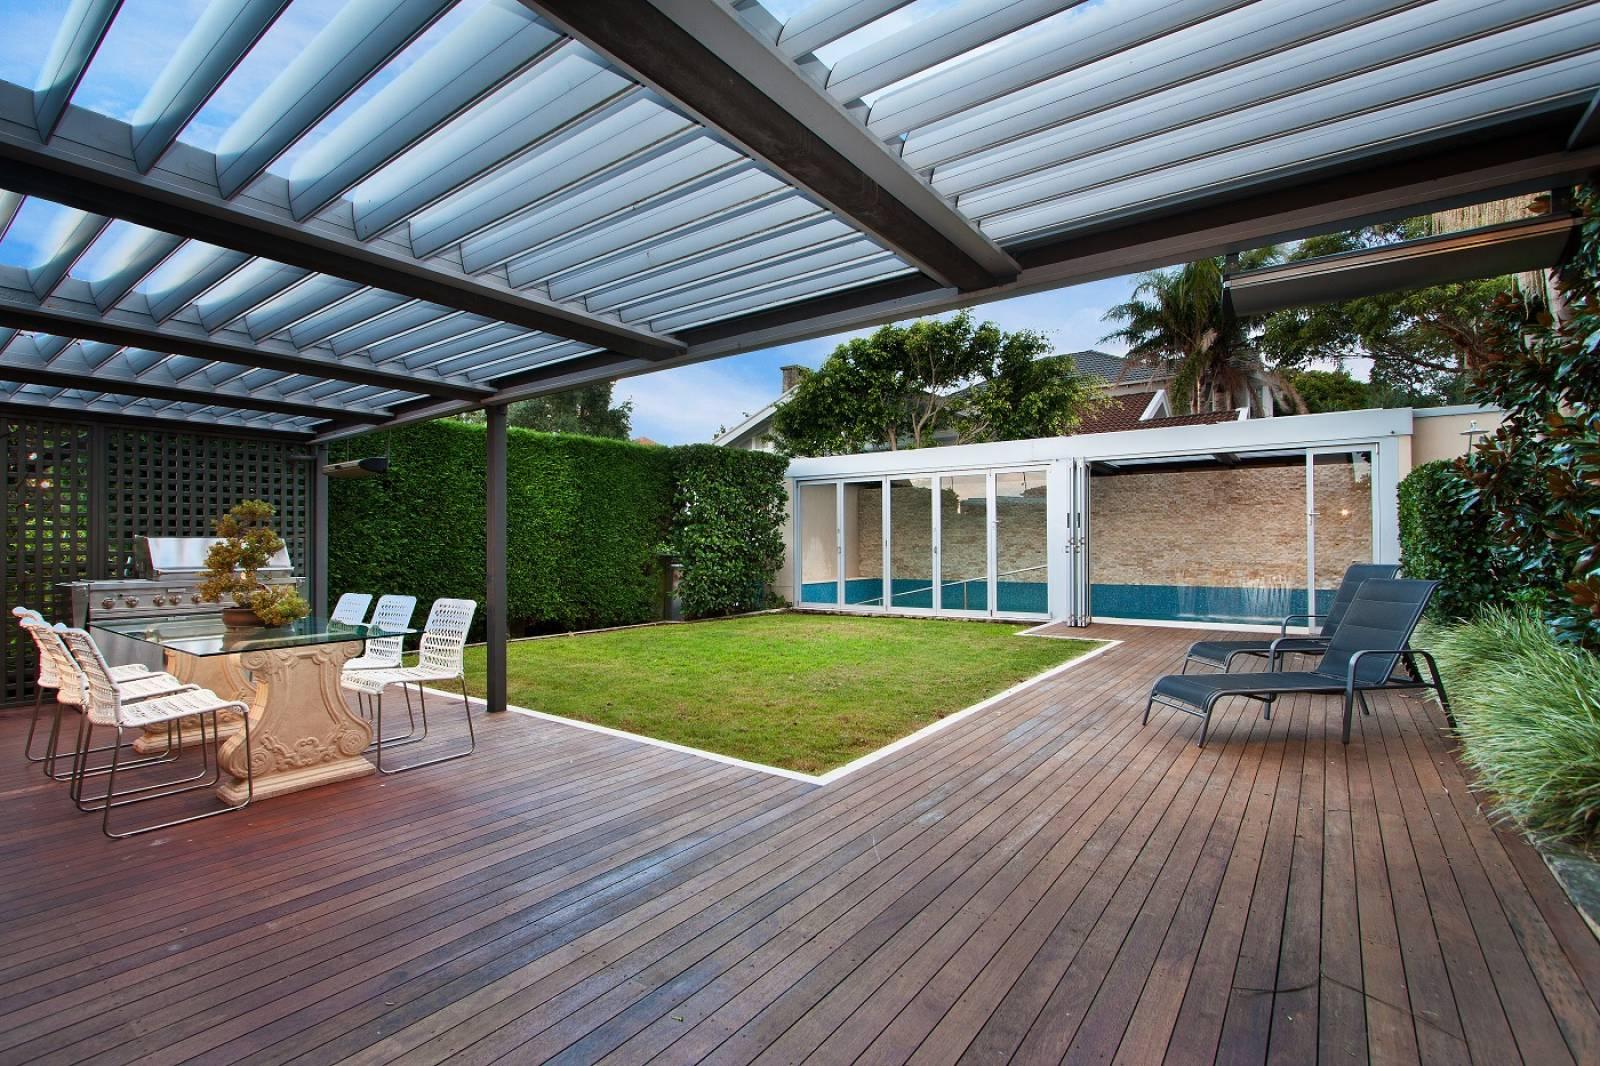 Projet De Rénovation Extérieur Avec Aménagement De Terrasse ... à Amanagement De Terrasse